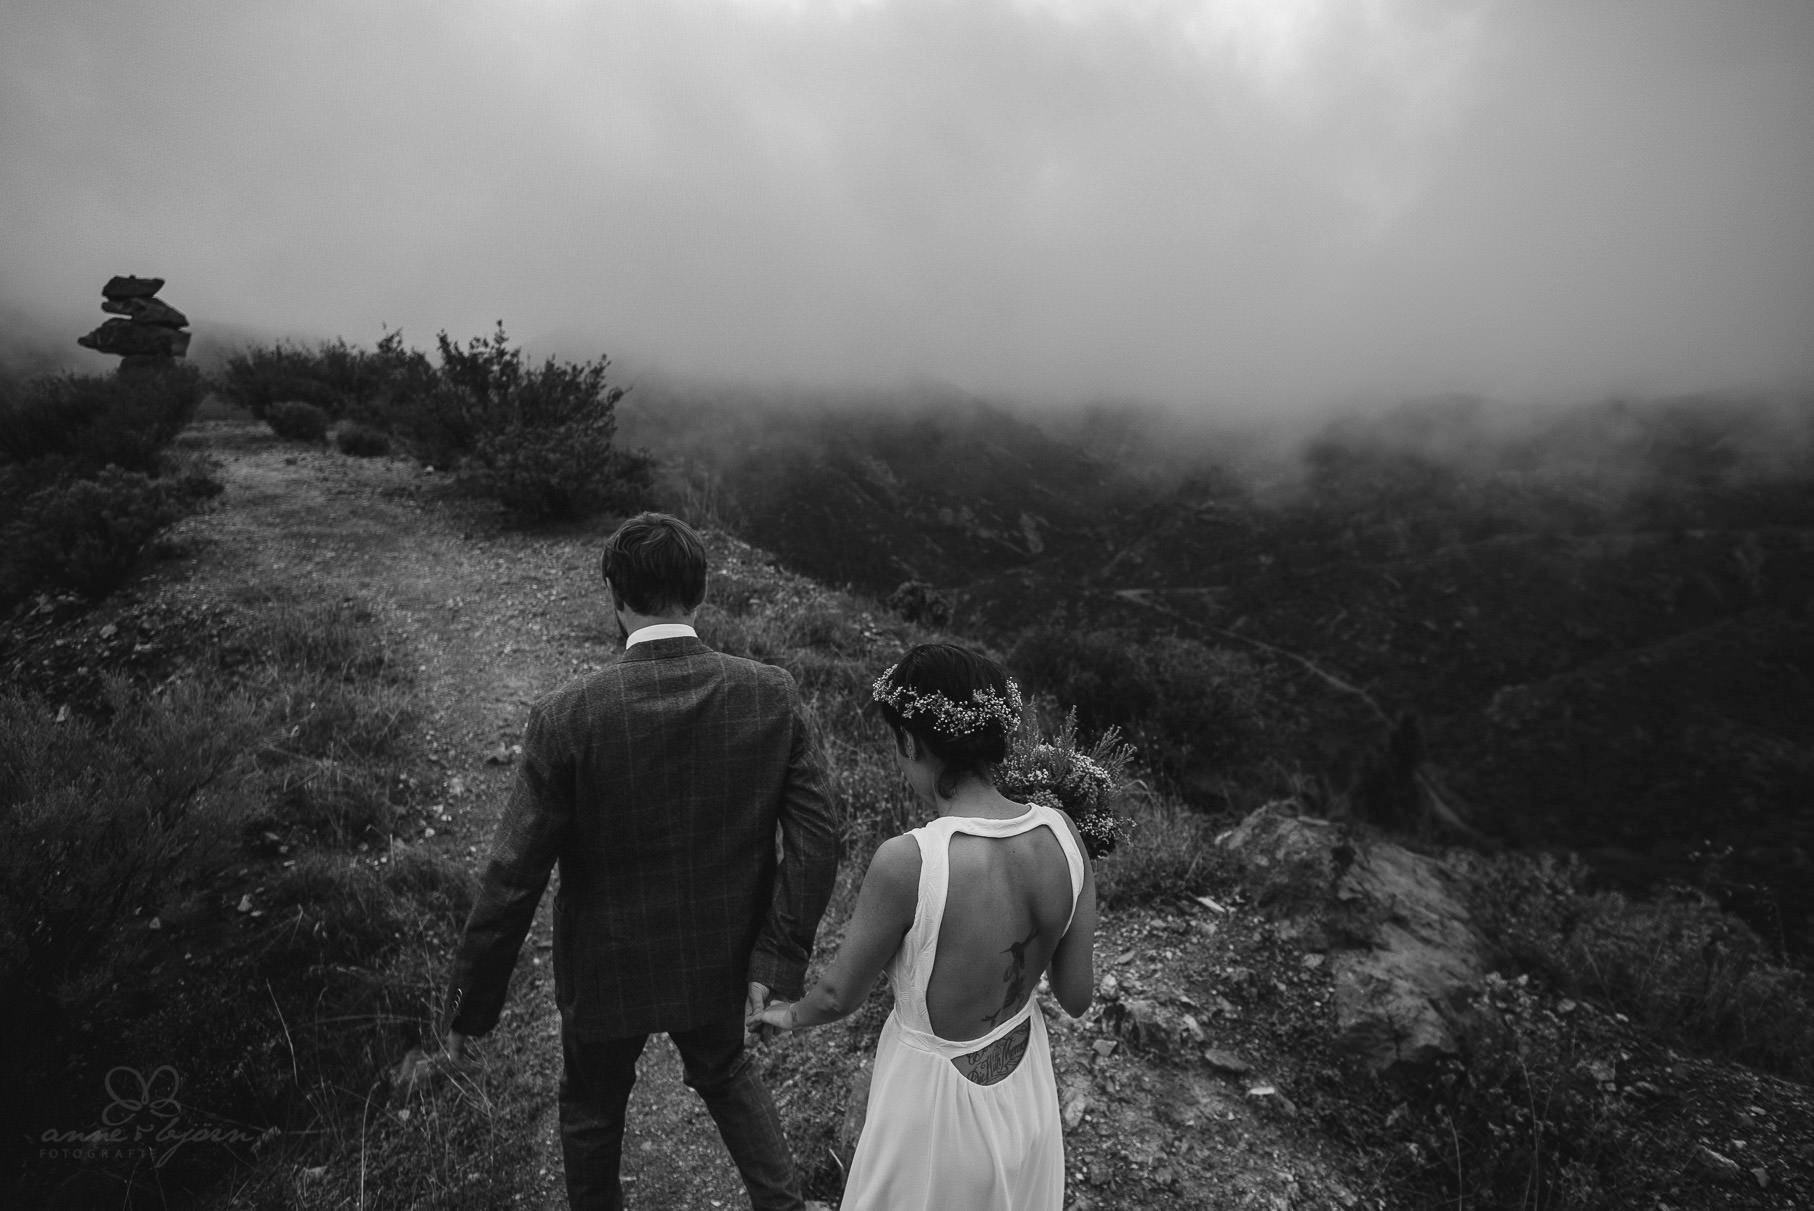 0109 lug d75 7193 - Hochzeit auf Gran Canaria - Linda & Gerald (Elopement)